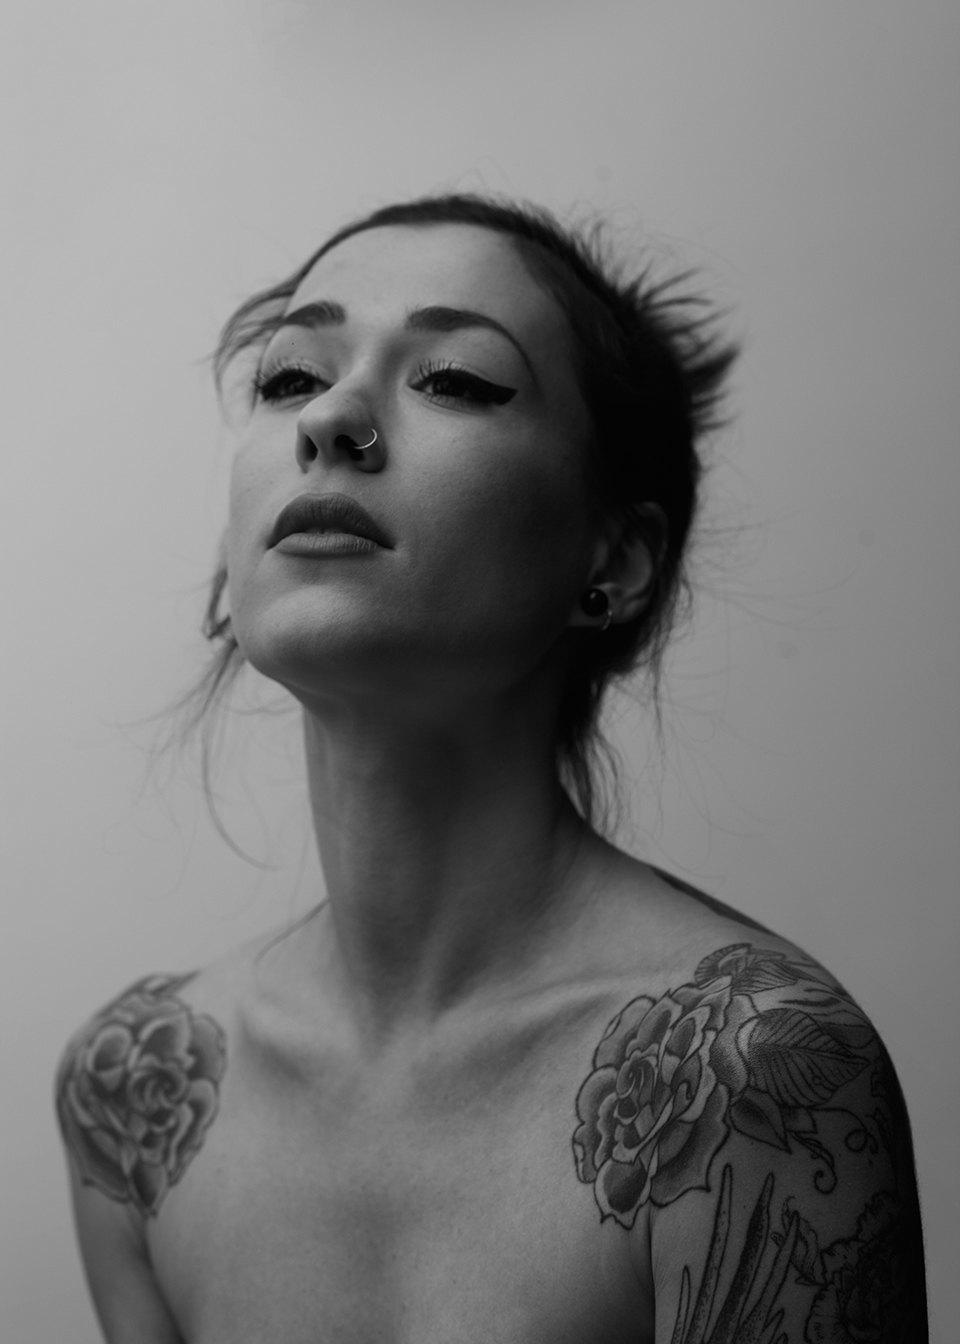 Эротические фотографы о стандартах красоты, сексизме и объективации. Изображение № 1.